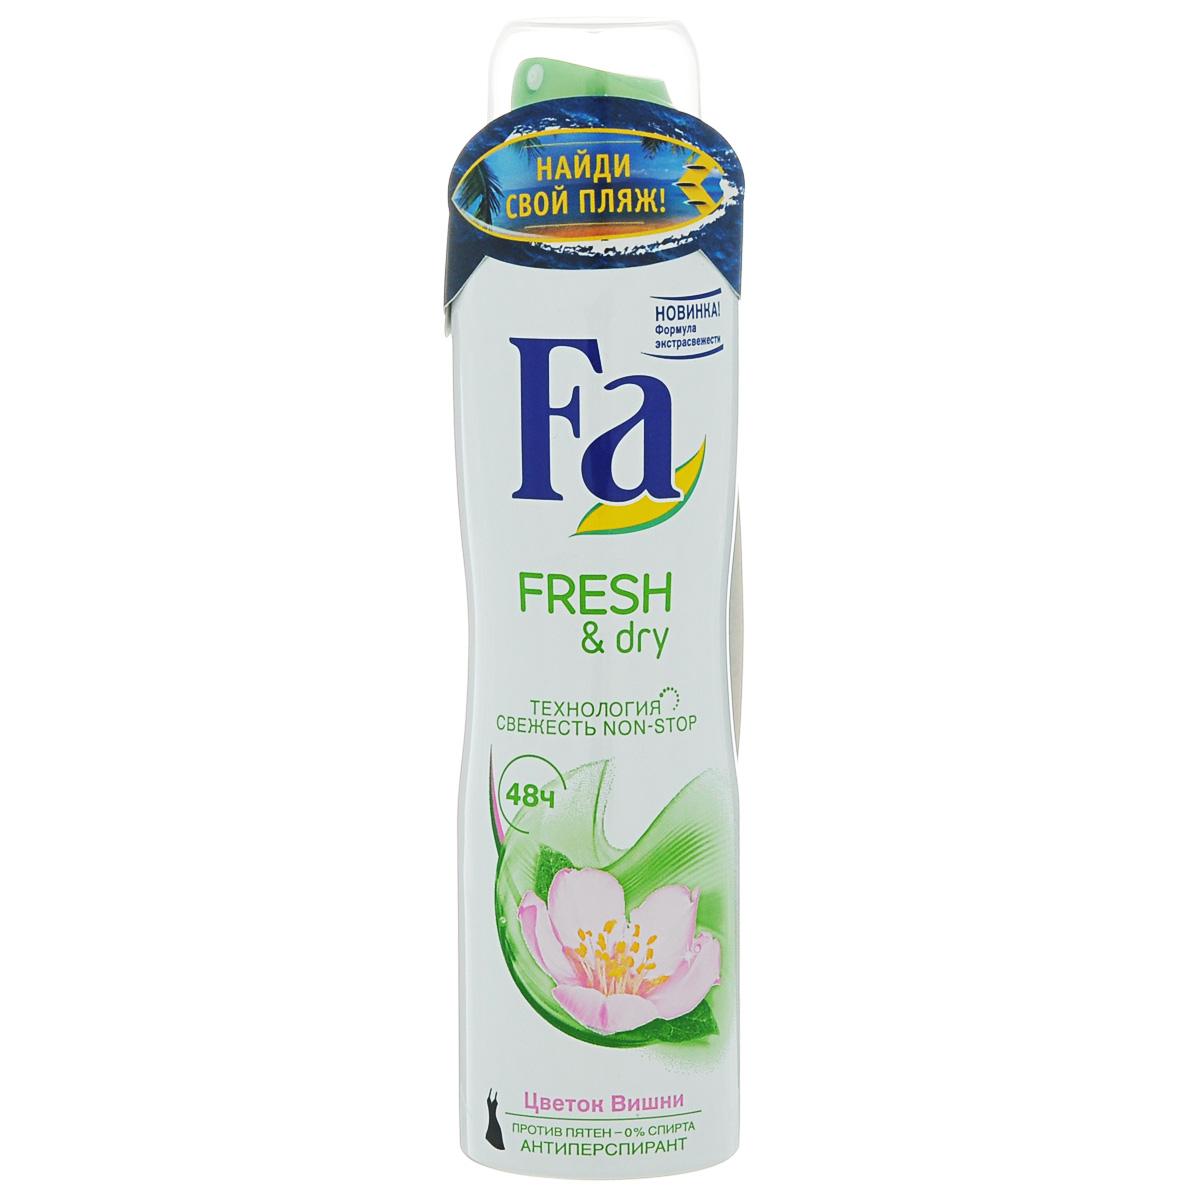 FA Дезодорант-аэрозоль женский Fresh&Dry Цветок Вишни, 150 мл1208368521Откройте для себя 48 ч. длительной део-защиты, которая нейтрализует запах и мгновенно дарит свежий аромат цветов вишни именно тогда, когда это необходимо.- Эффективная защита против запаха пота - Длительная свежесть - Без белых пятен- Хорошая переносимость кожей - Протестировано дерматологами